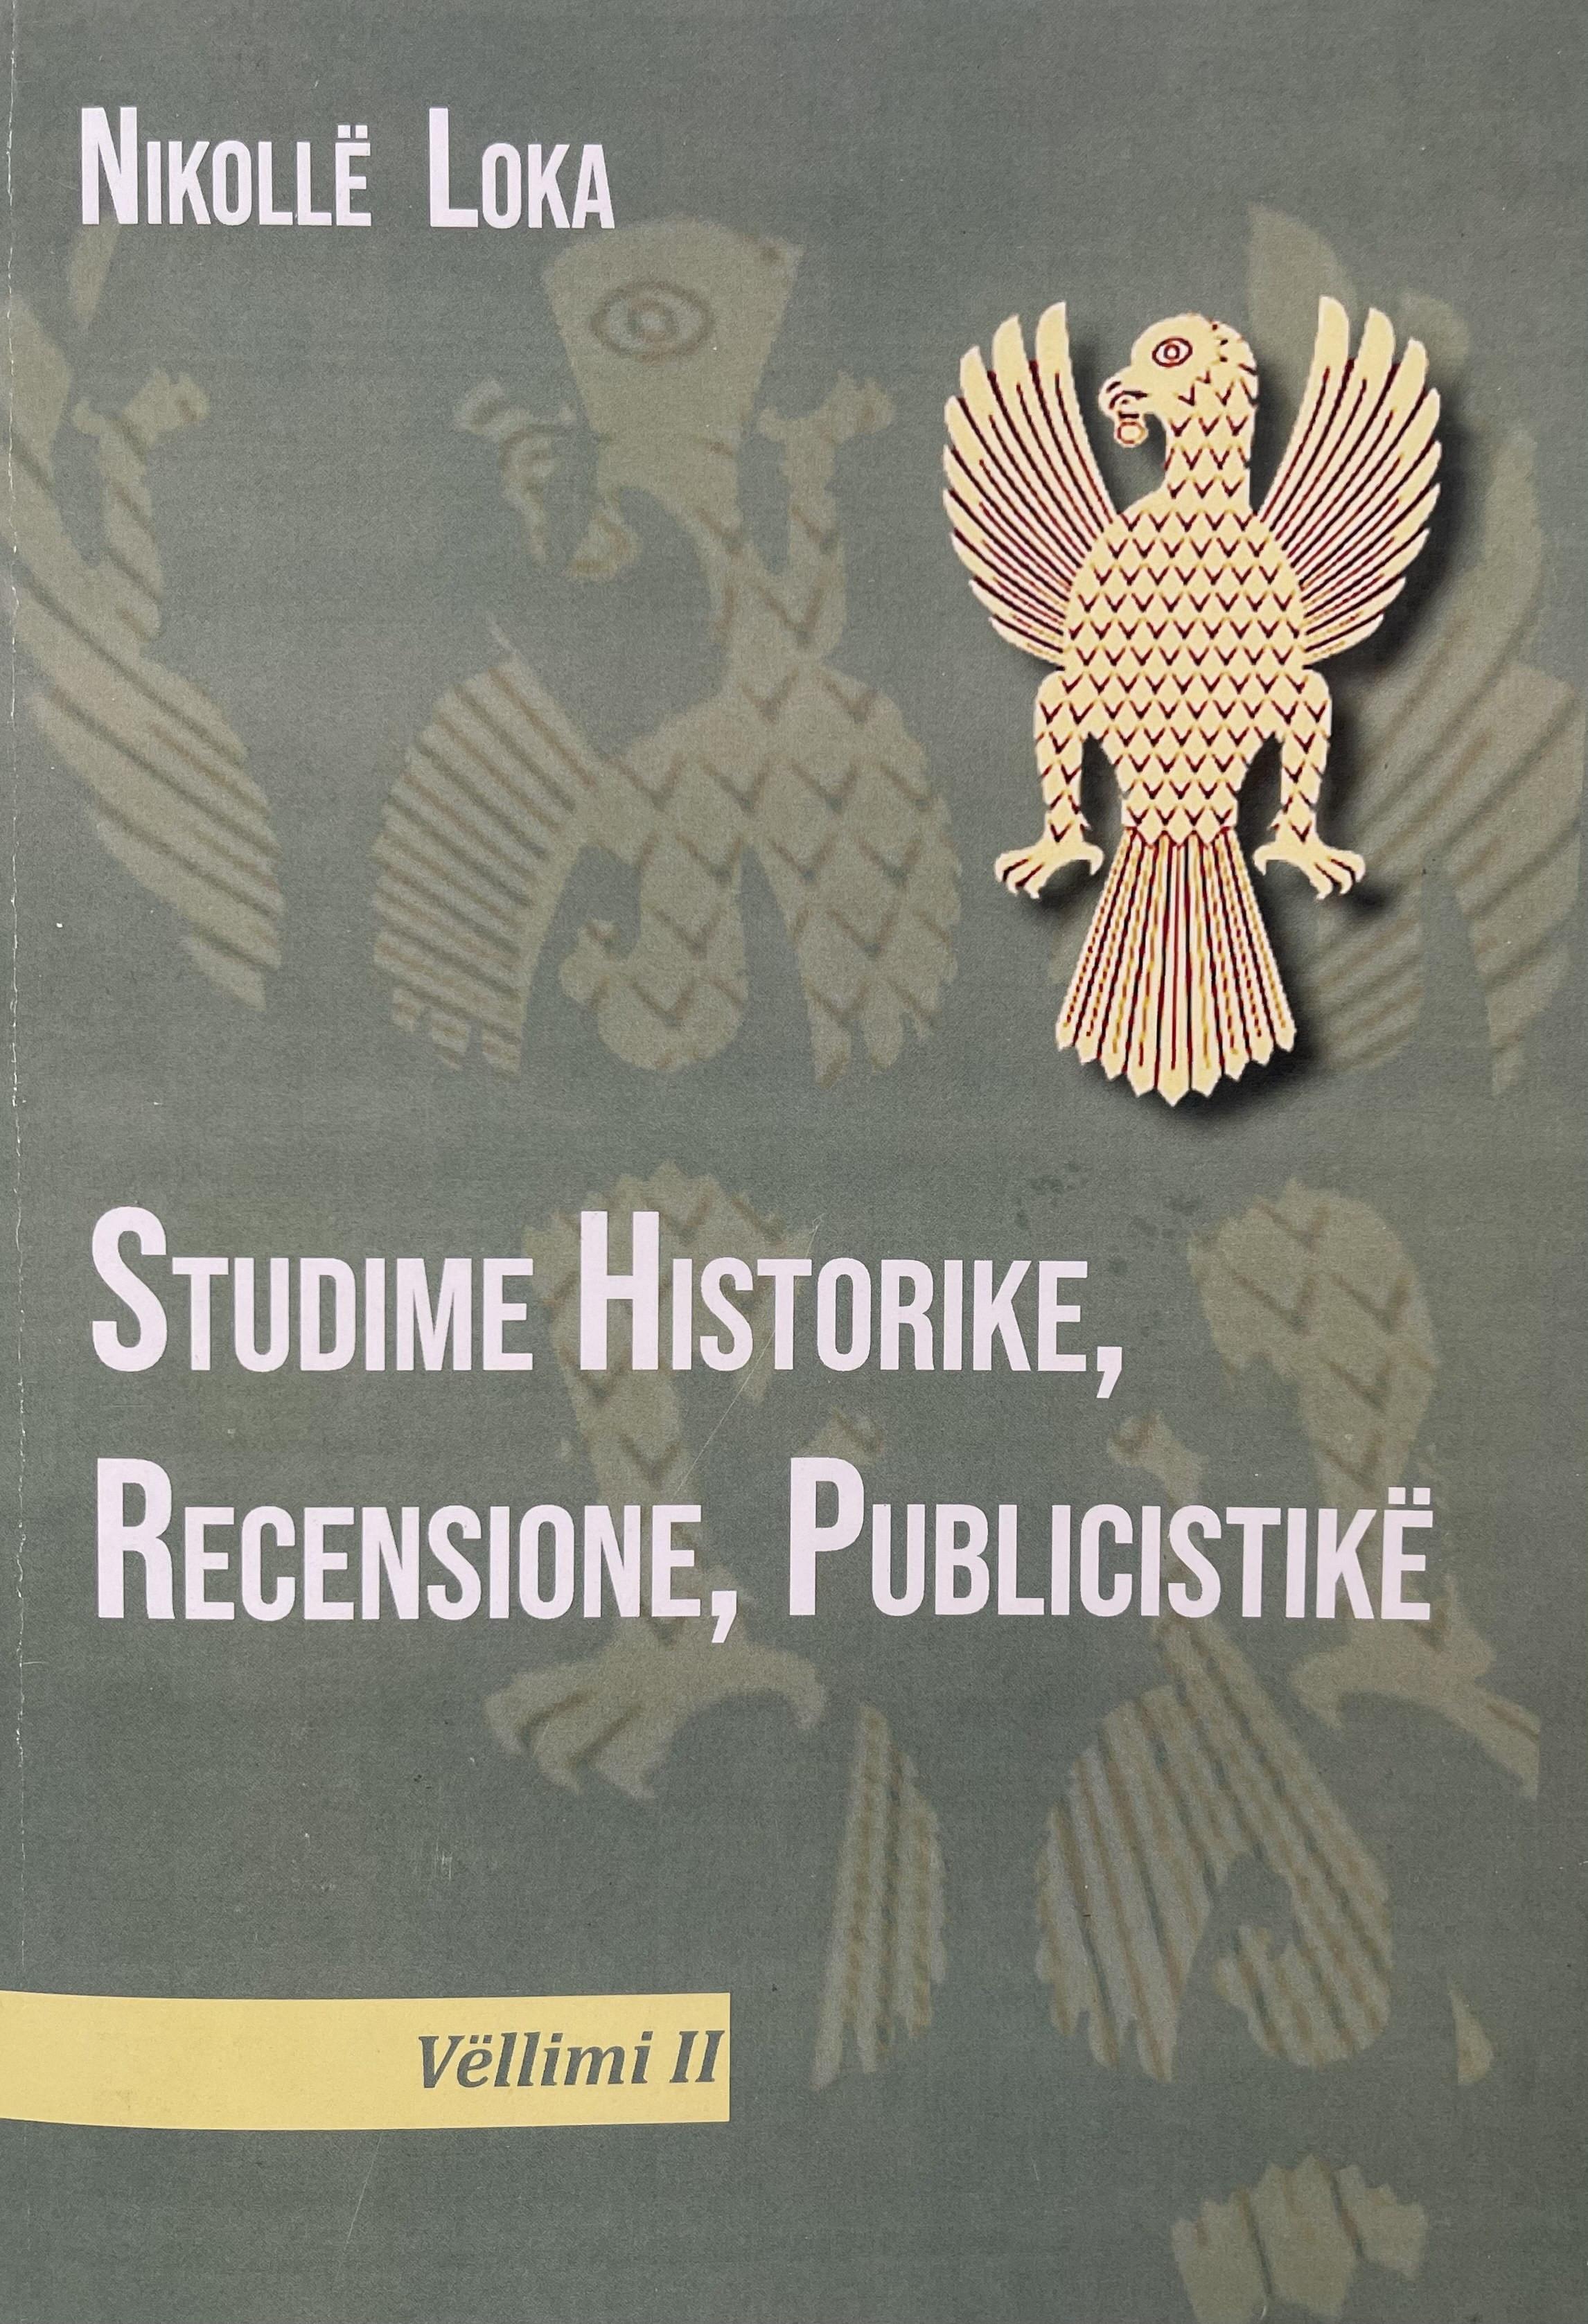 Studime historike, recensione, publicistike